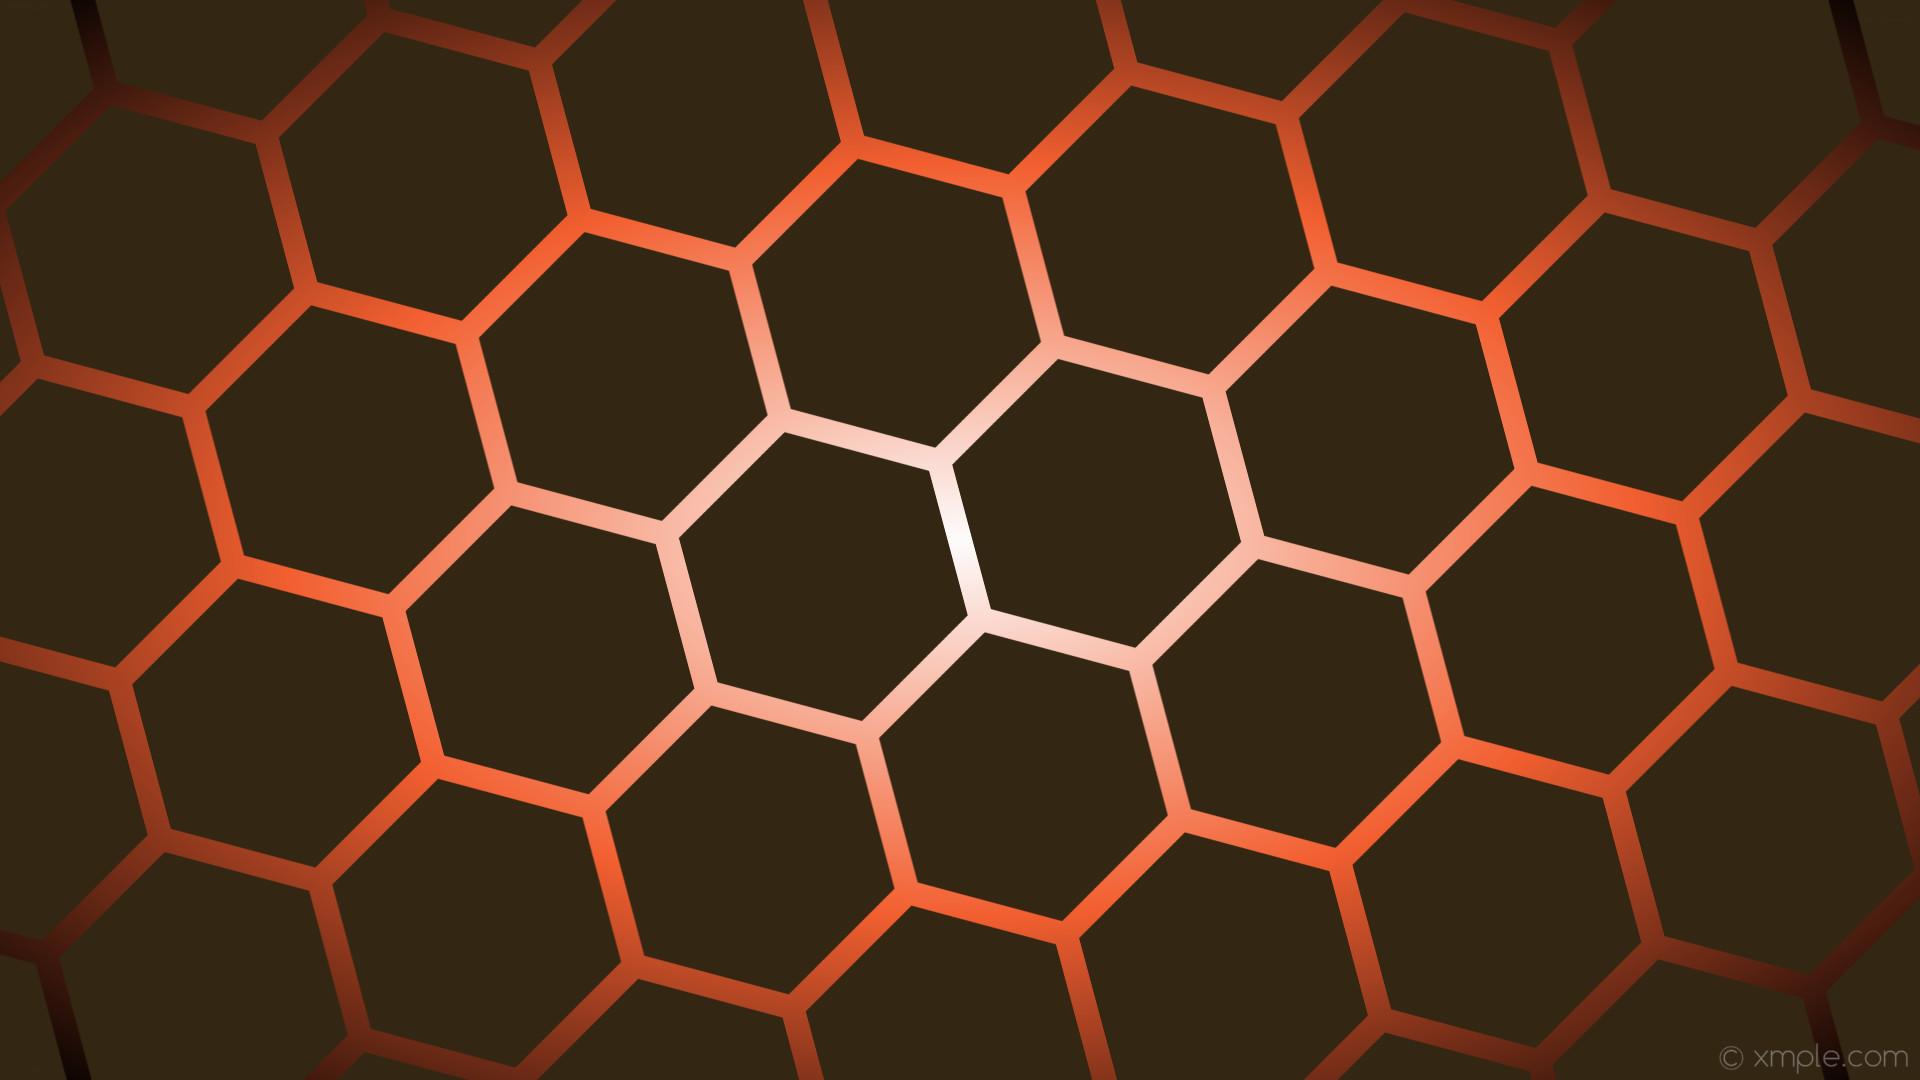 wallpaper white gradient black red hexagon orange glow dark orange #332612  #ffffff #f46031